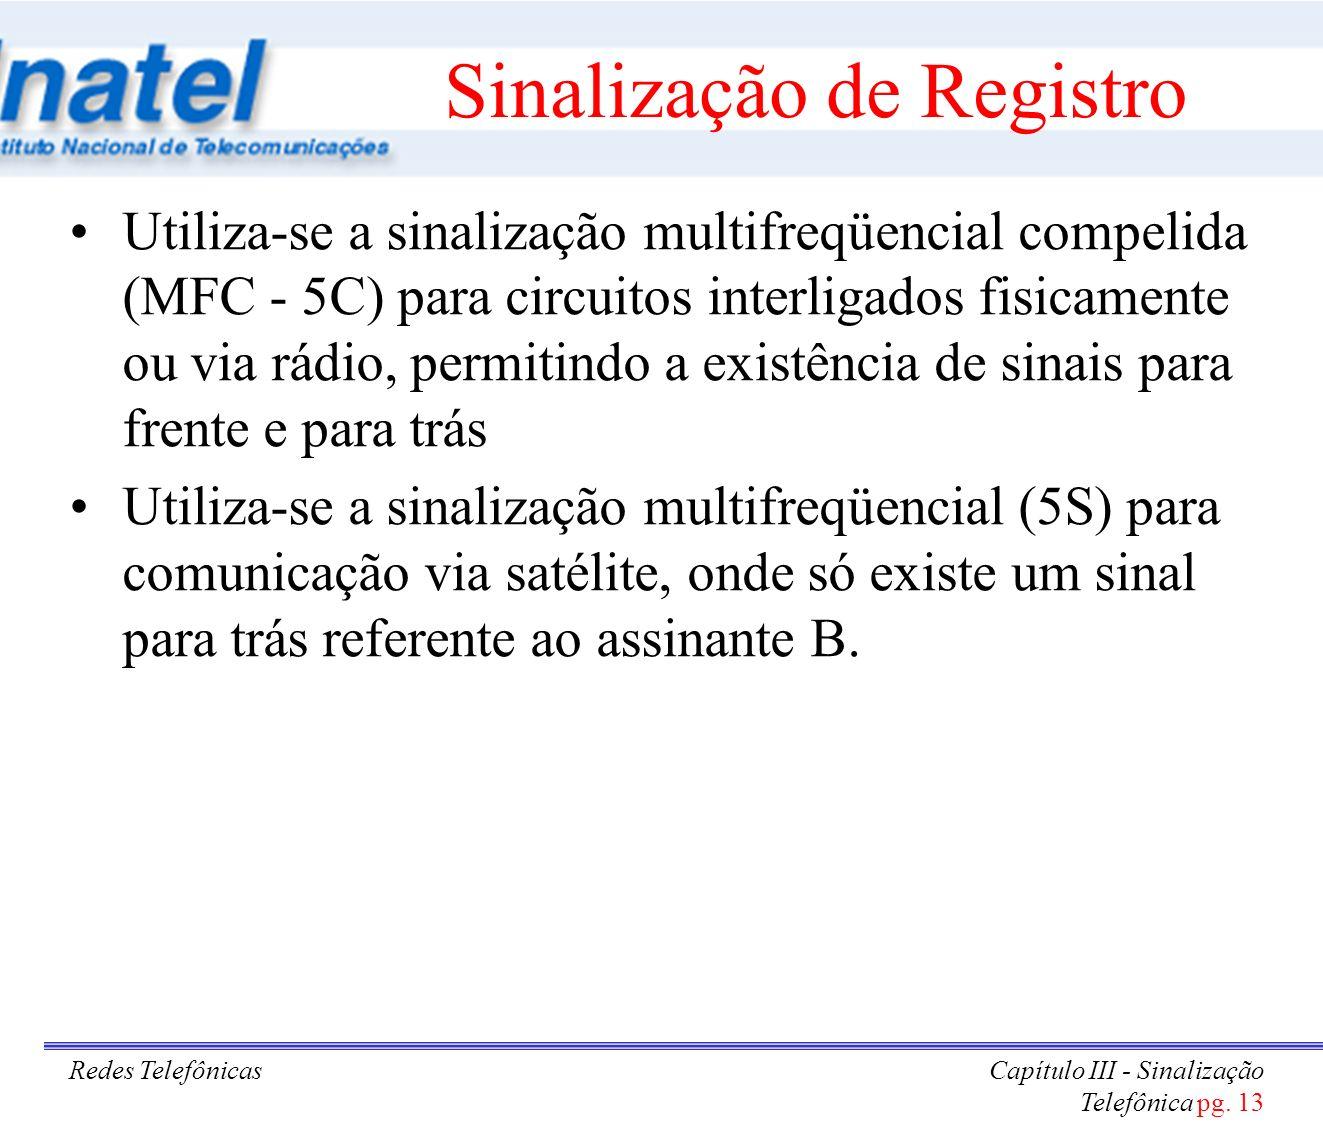 Redes TelefônicasCapítulo III - Sinalização Telefônica pg. 13 Sinalização de Registro Utiliza-se a sinalização multifreqüencial compelida (MFC - 5C) p